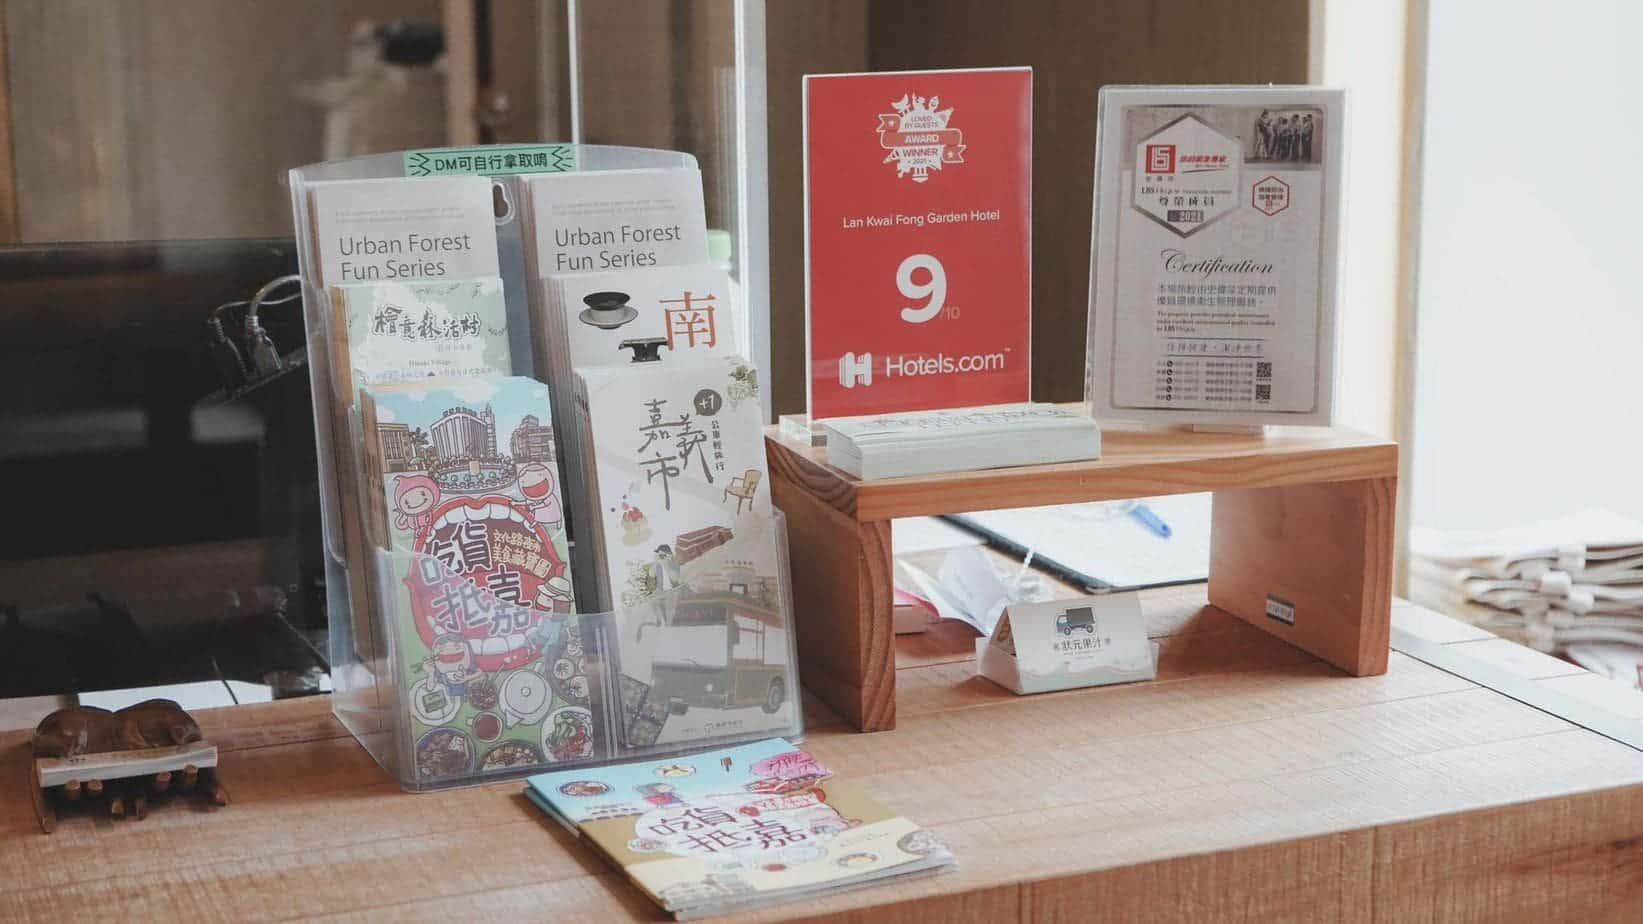 蘭桂坊花園酒店 櫃台前面有放嘉義一些相關資料可以拿,他們還是hotels評分9的飯店